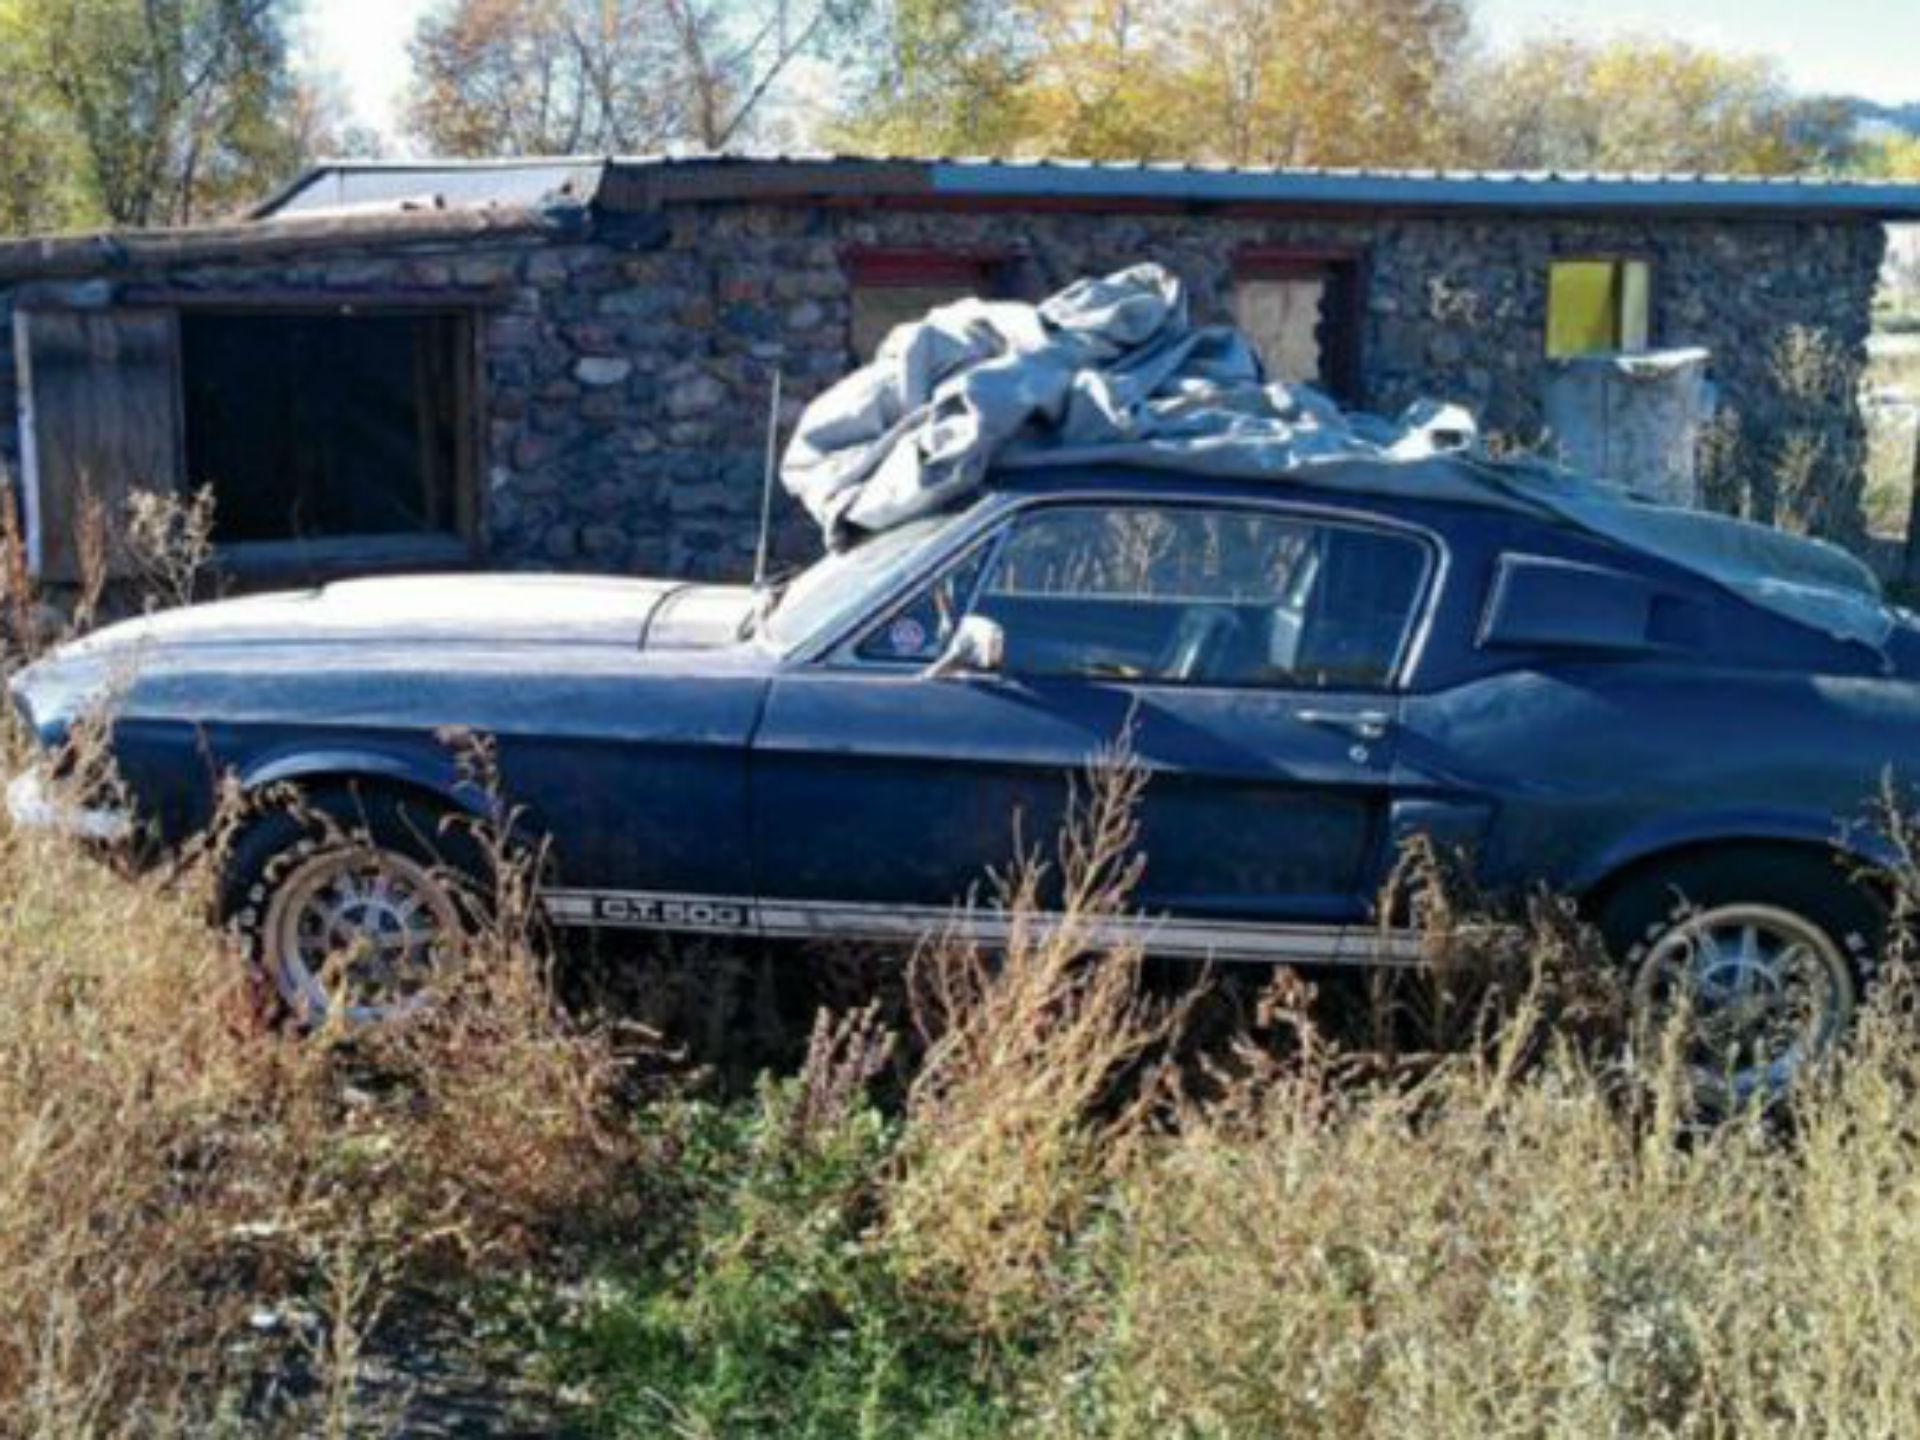 Mustang Shelby GT500 1967. Conocemos la leyenda. Pocos autos eran intervenidos por el equipo de Carroll Shelby y el GT500 se transformó en 001 de los más famosos. Su 428 de 355 caballos era famoso por su gran desempeño. Una familia caminaba por el ámbito cuando se toparon con un auto cubierto, sólo se podían ver las frajas blancas, al quitarle la cubierta, se descubrió la sorpresa: un genuino Shelby con el motor casi intacto. Actualmente es 001 de los Mustang más caros. Foto: Especial